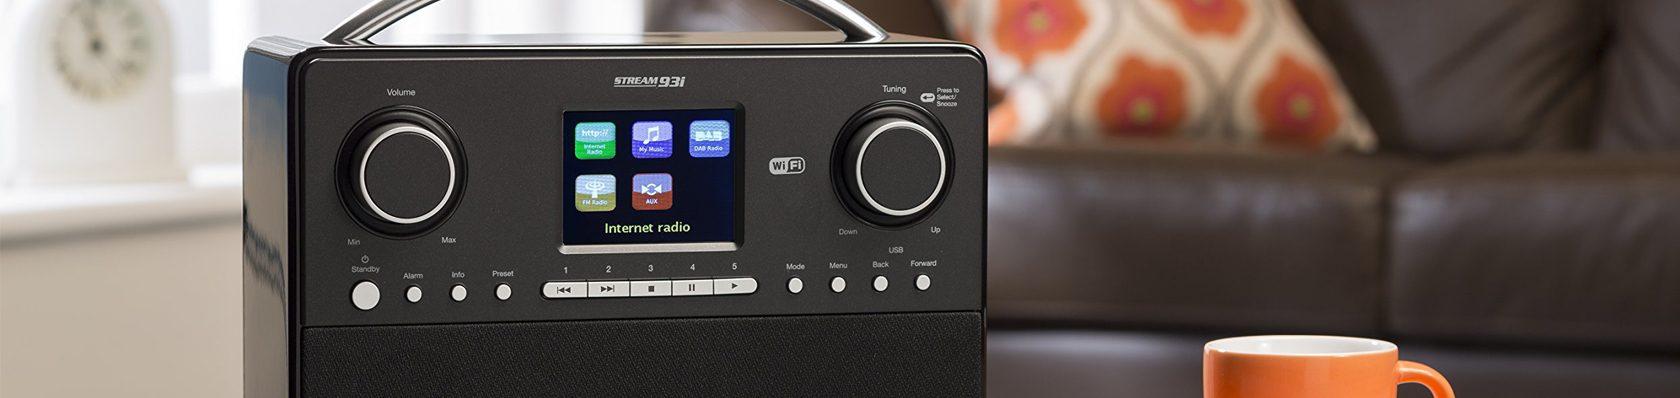 WLAN Radios im Test auf ExpertenTesten.de